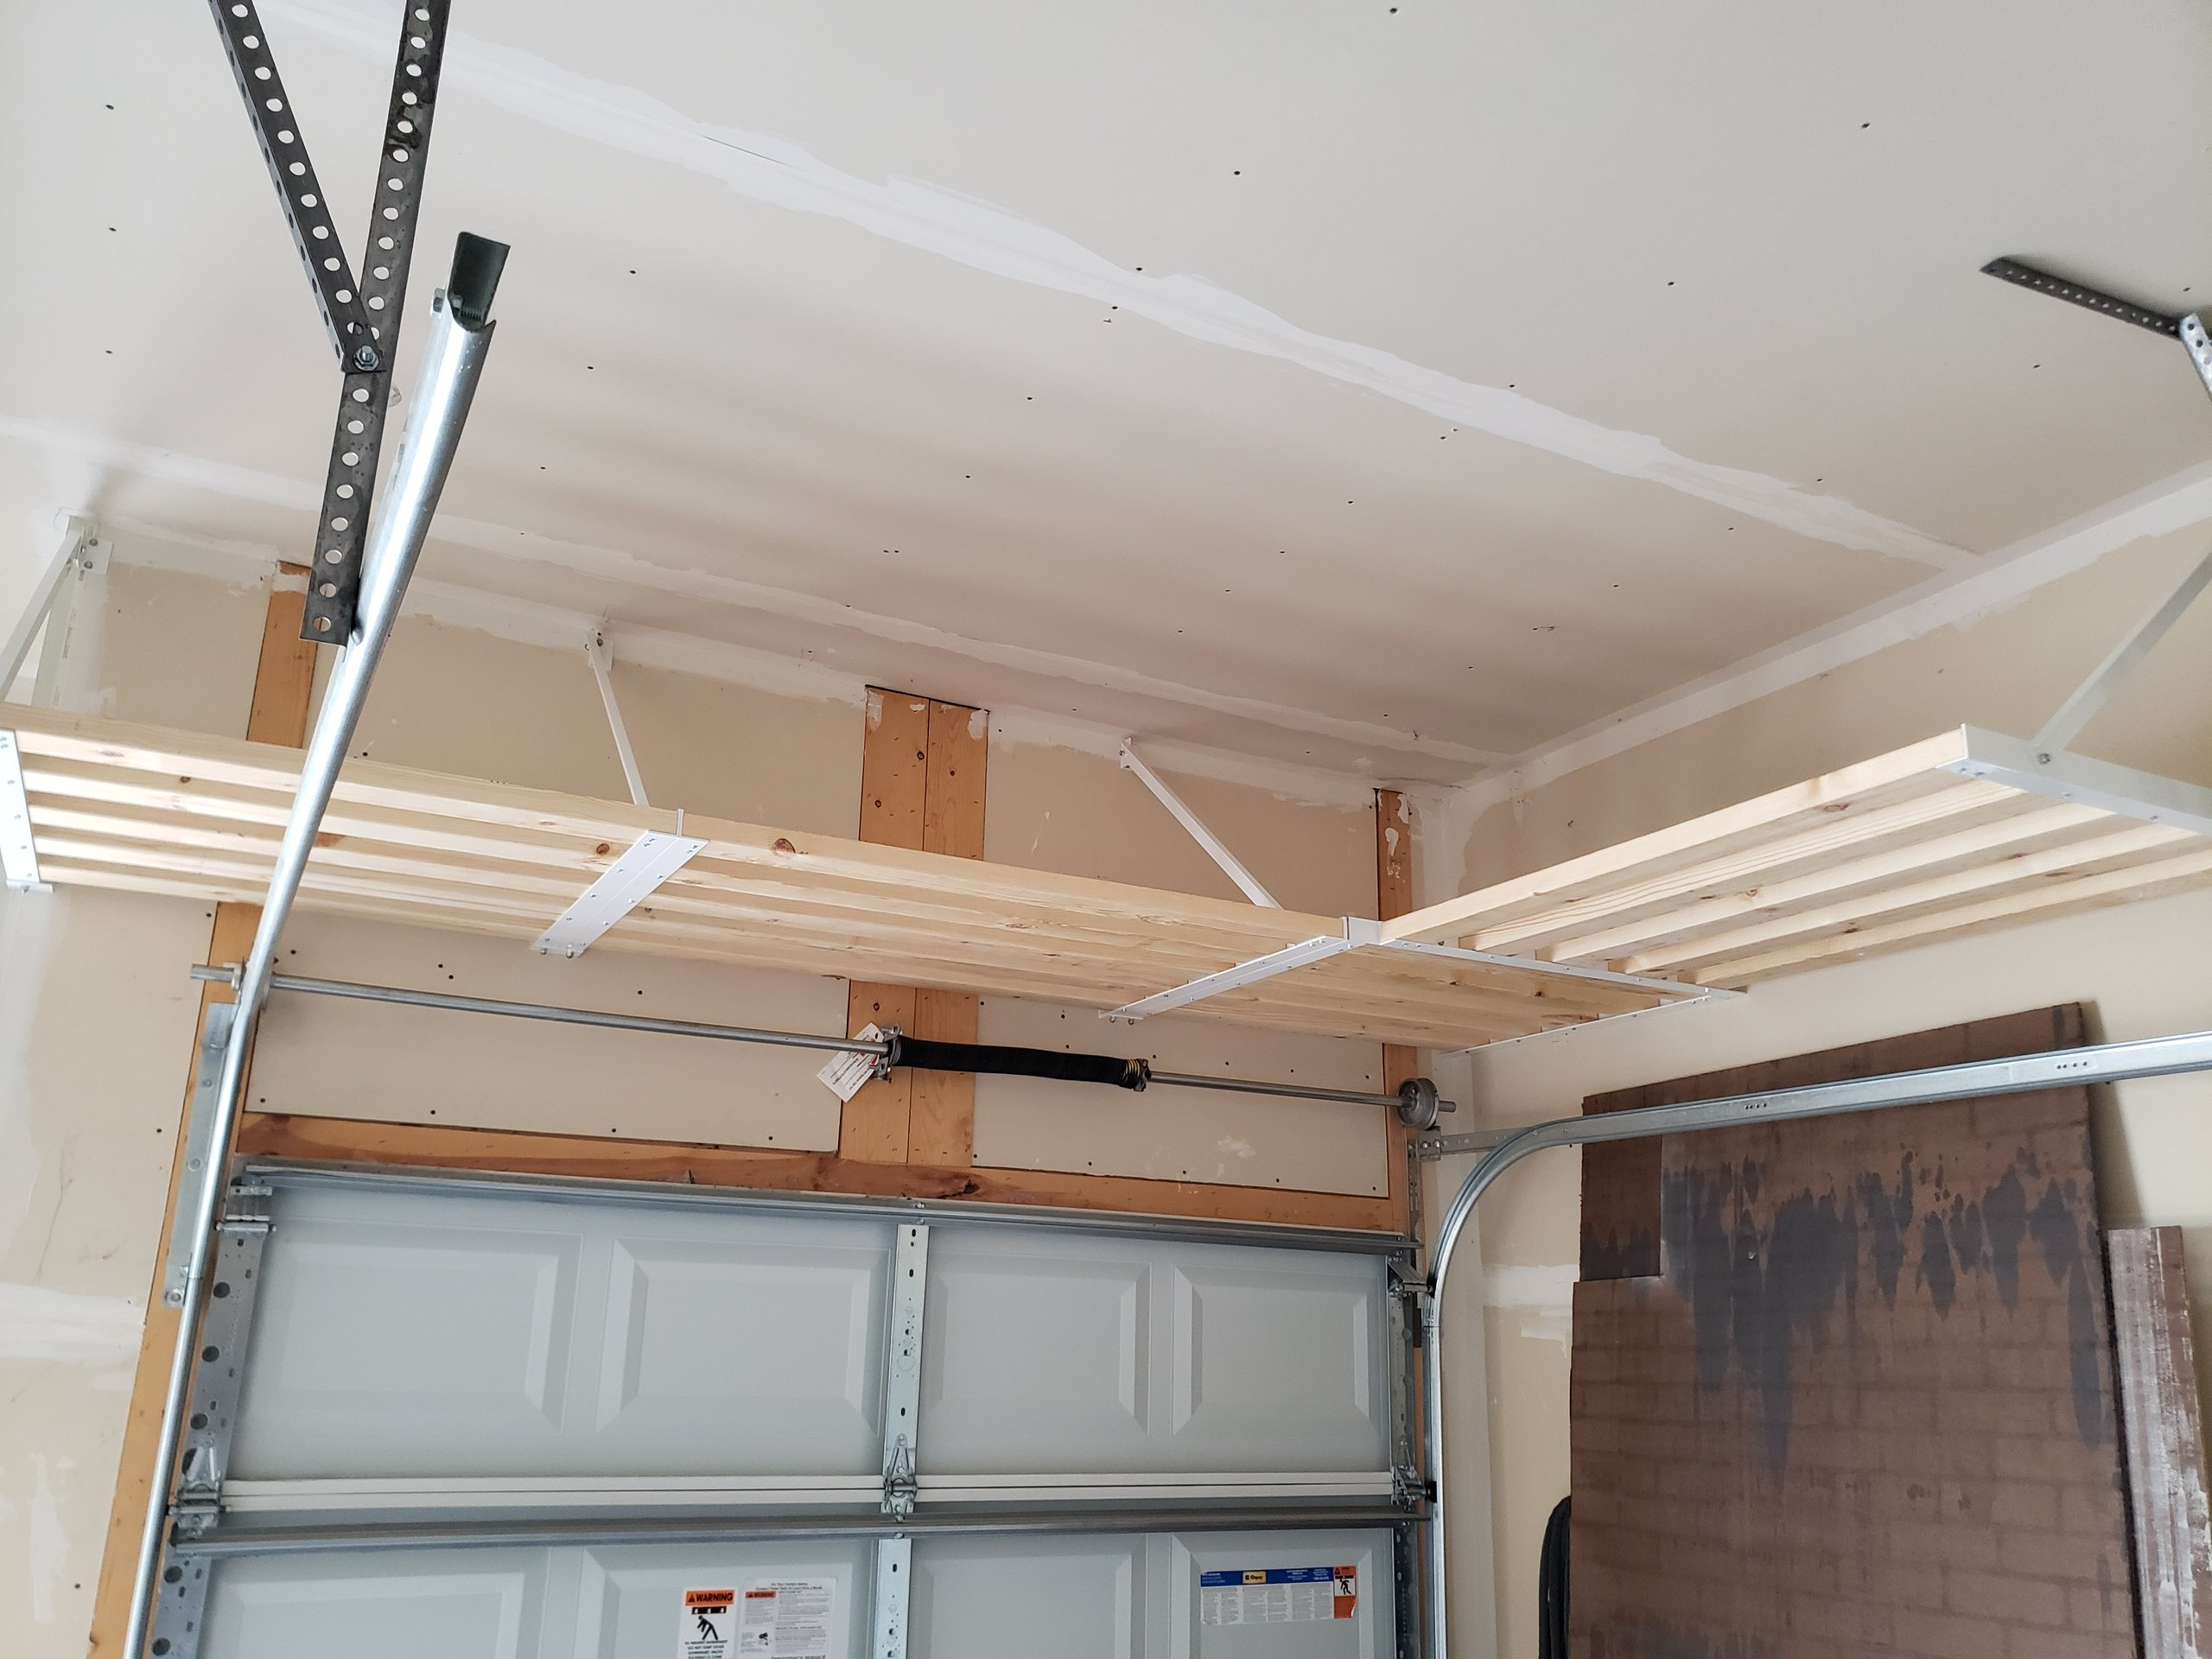 15x8 Garage self storage unit